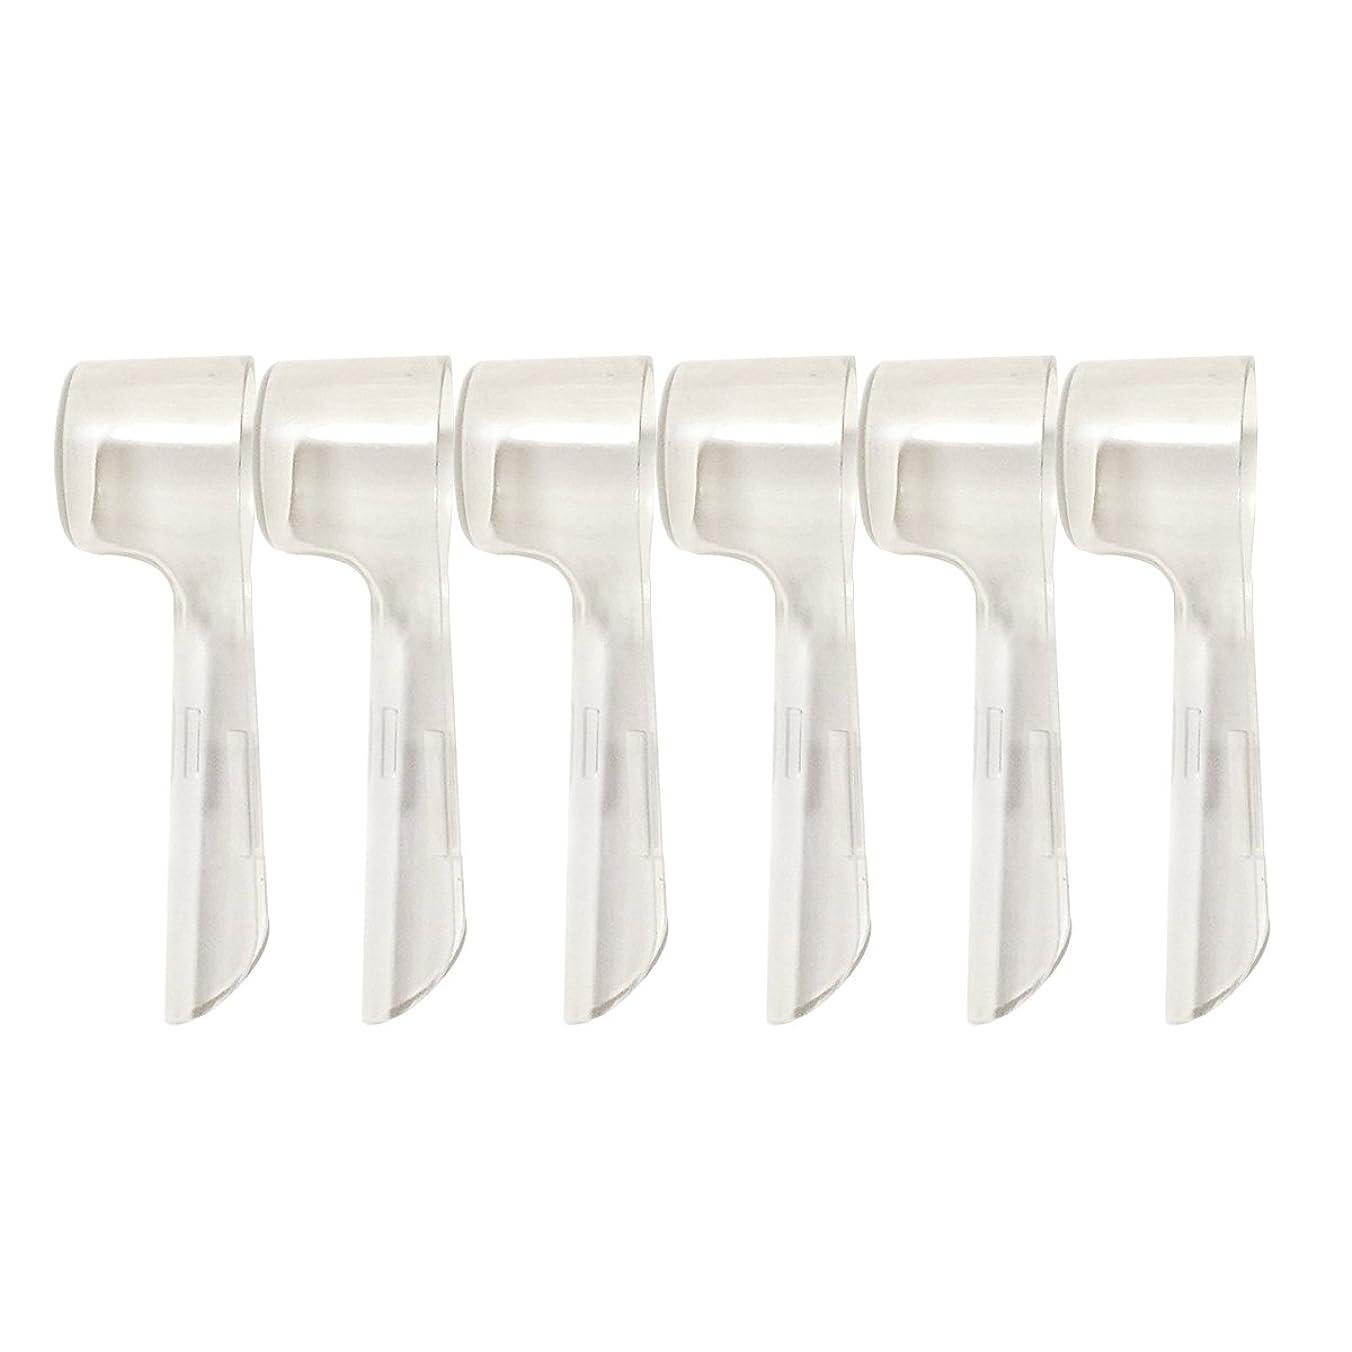 配置収縮グリーンバックSUPVOX 旅行のために便利な電動歯ブラシのための6本の歯ブラシヘッド保護カバーとより衛生的にするために細菌をほこりから守るためのより衛生的な